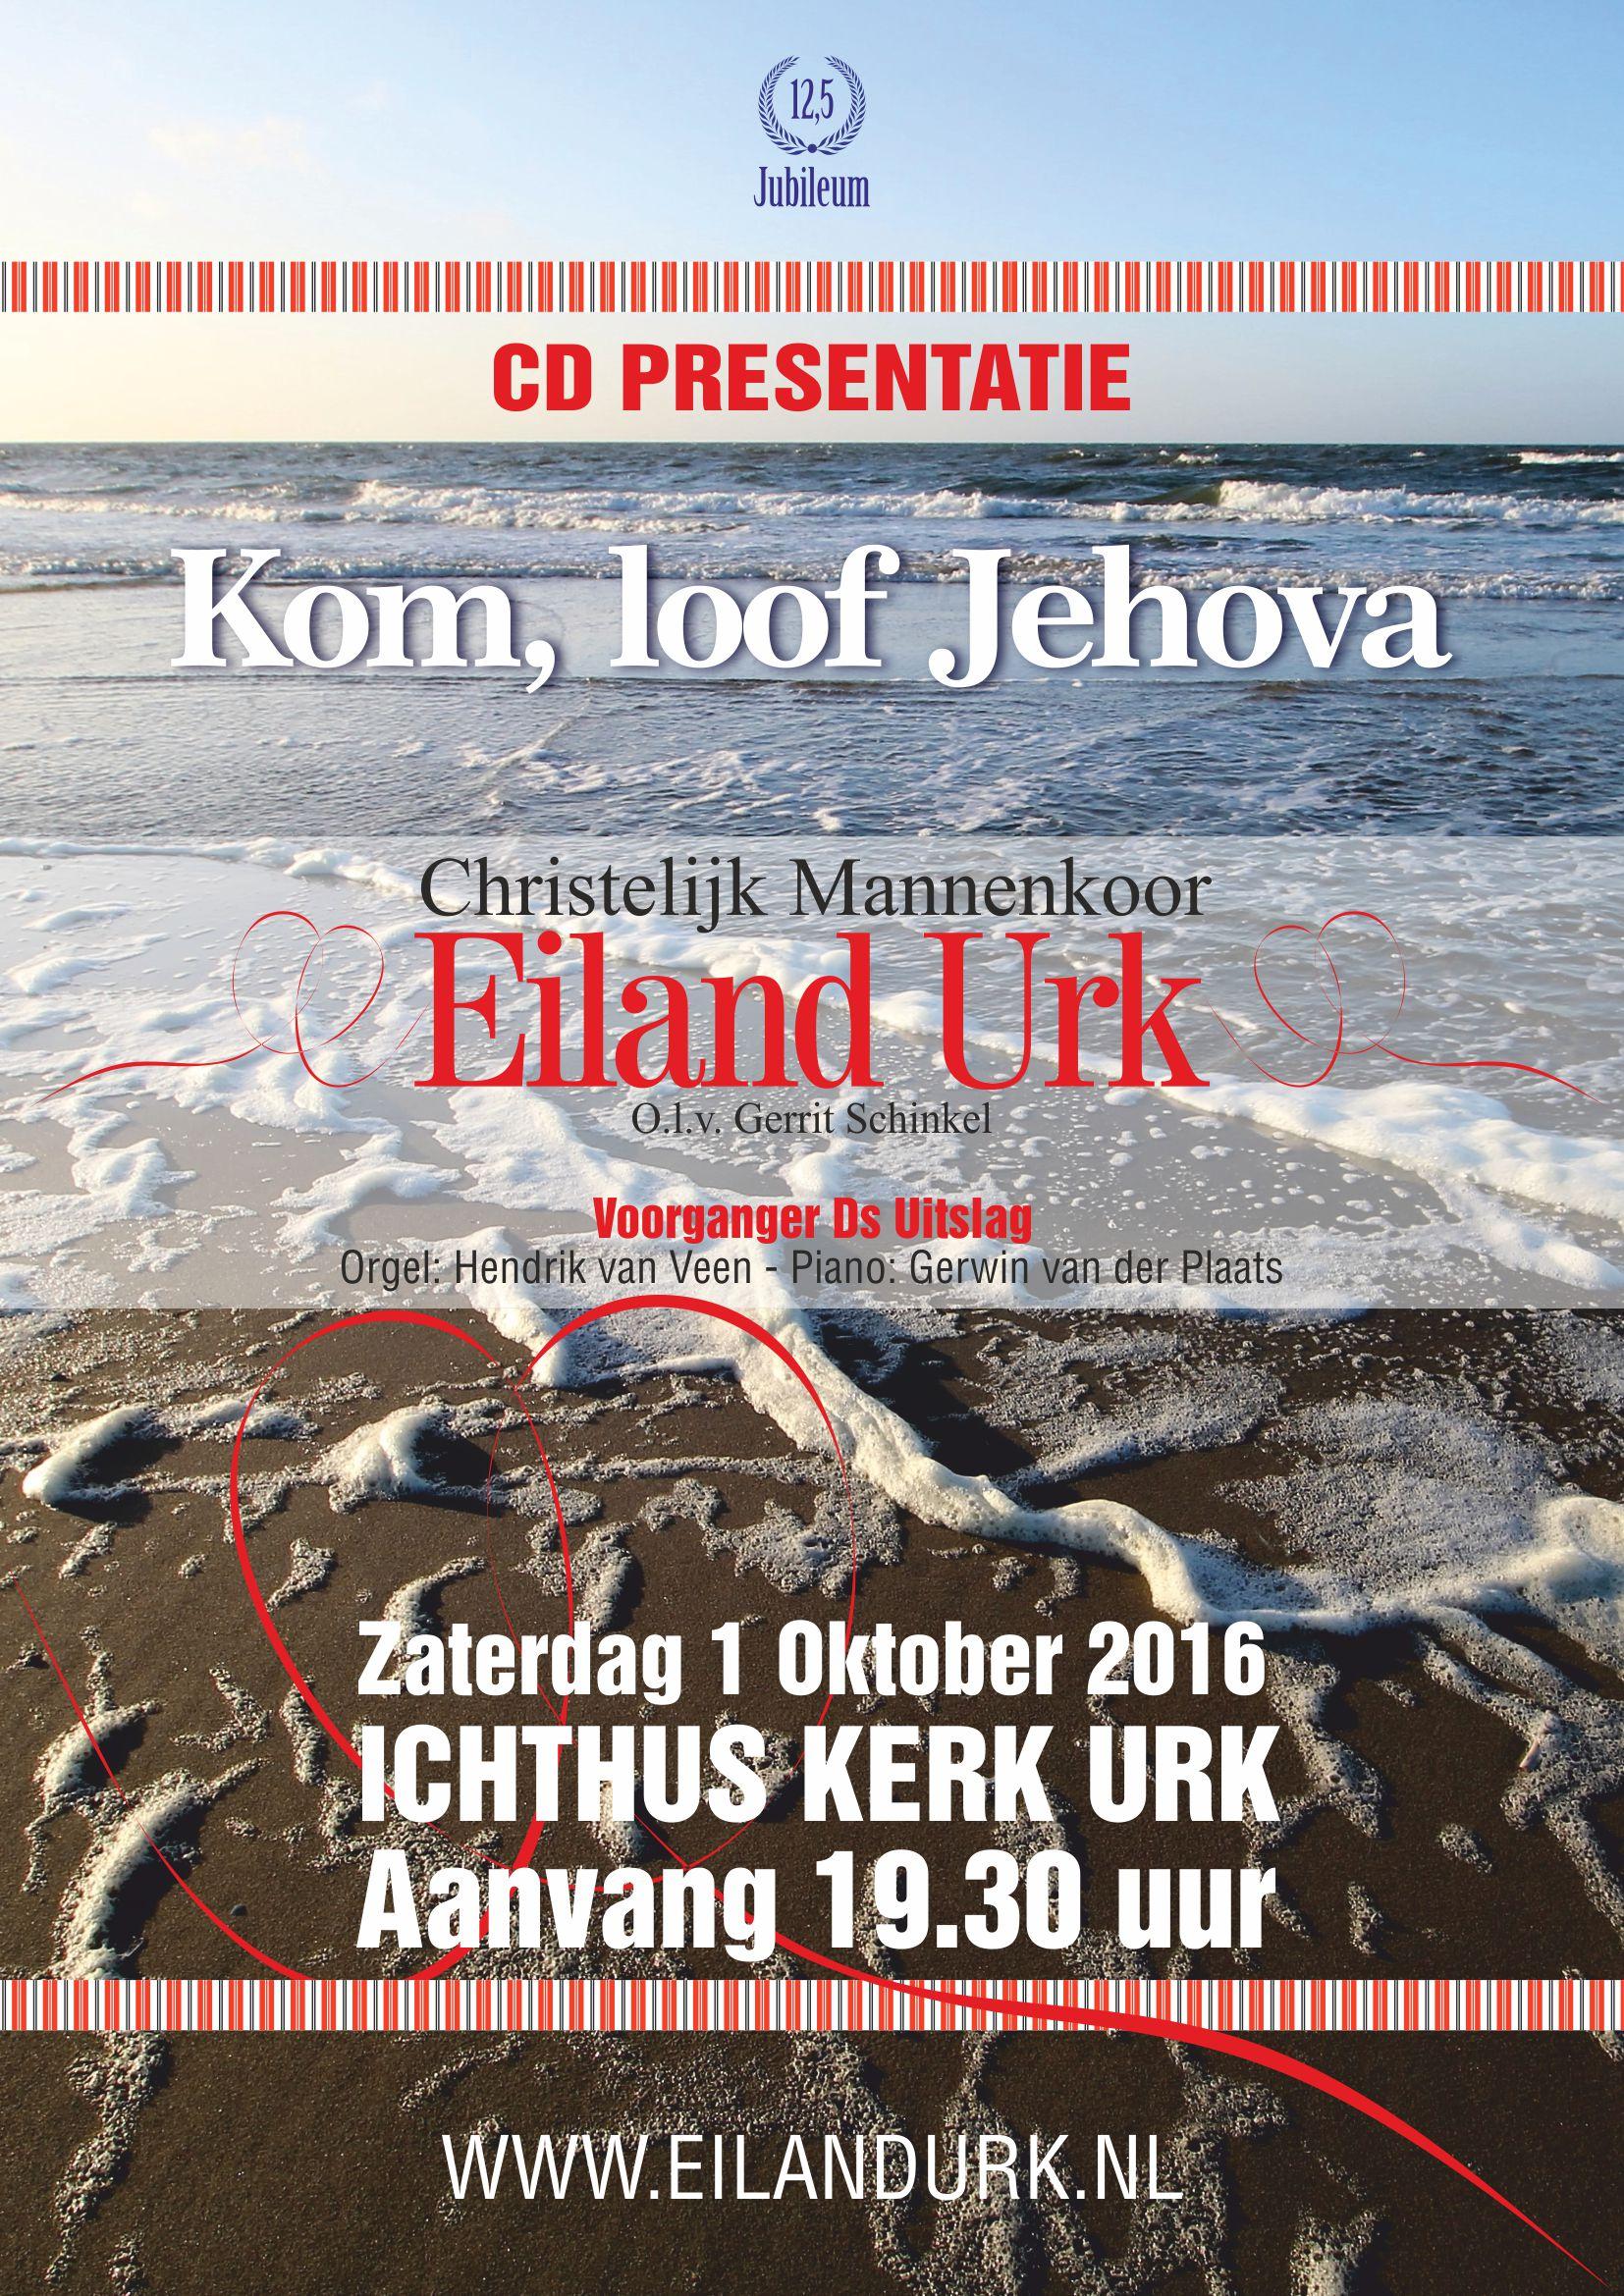 CD presentatie Christelijk mannenkoor Eiland Urk